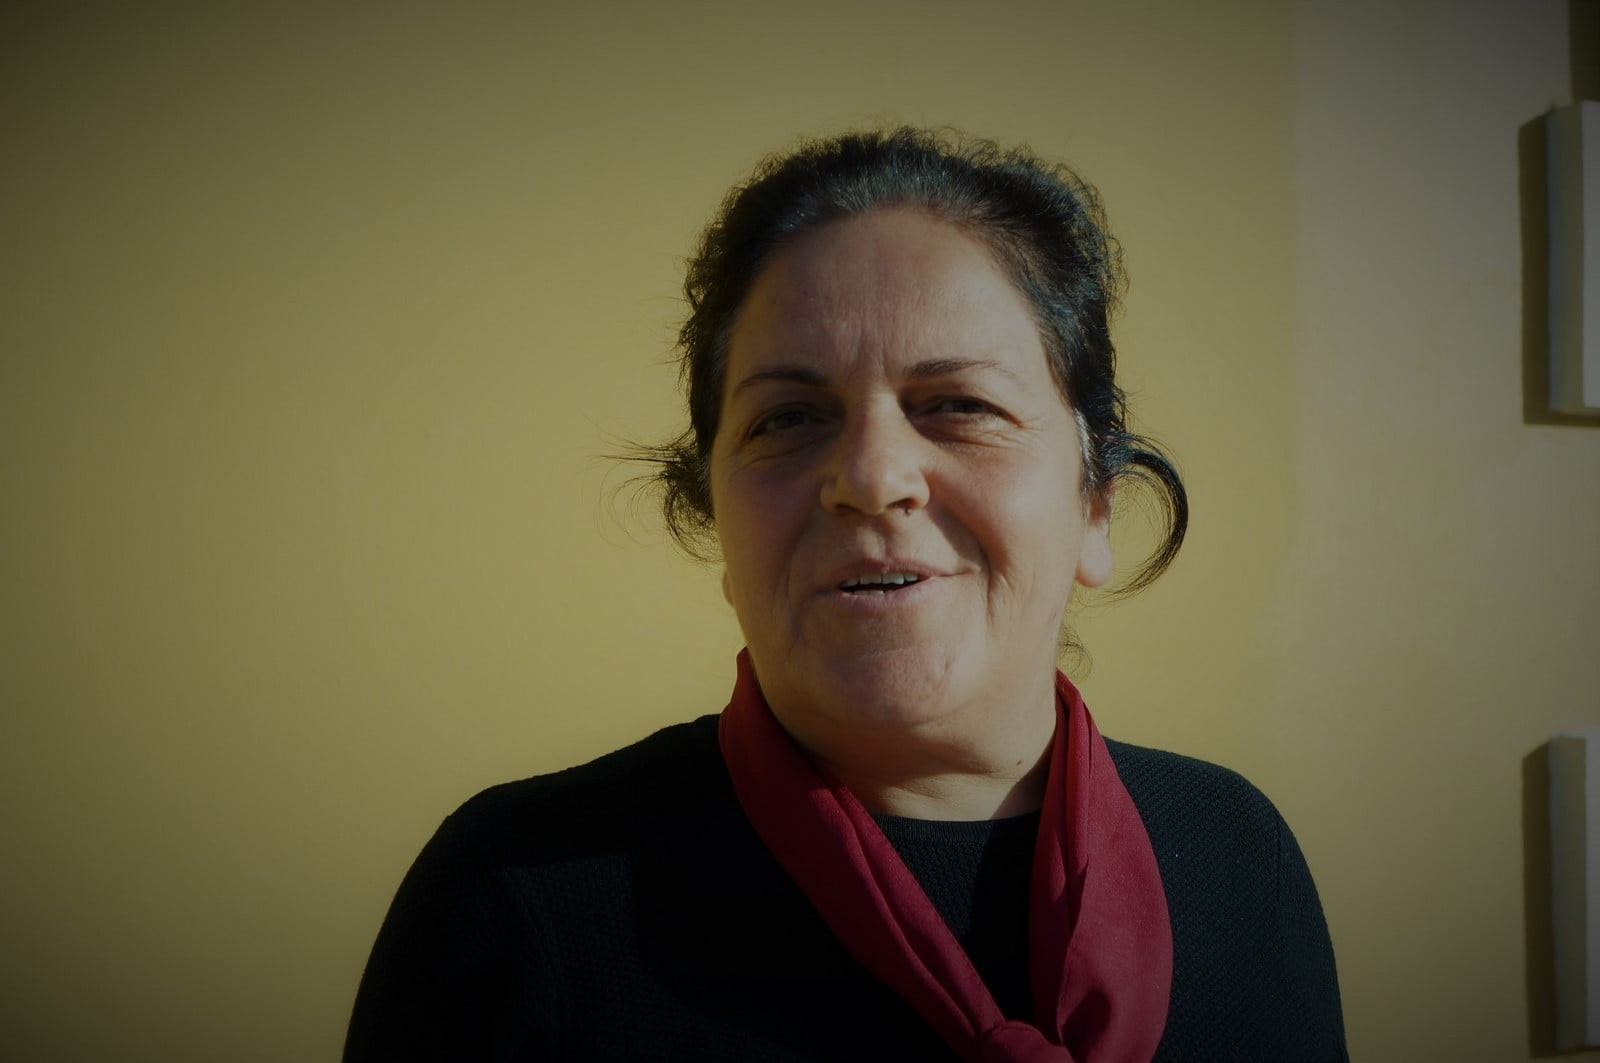 منظمات نسوية وحقوقية تُطالب بالضغط على الاحتلال للإفراج عن المناضلة ختام السعافين